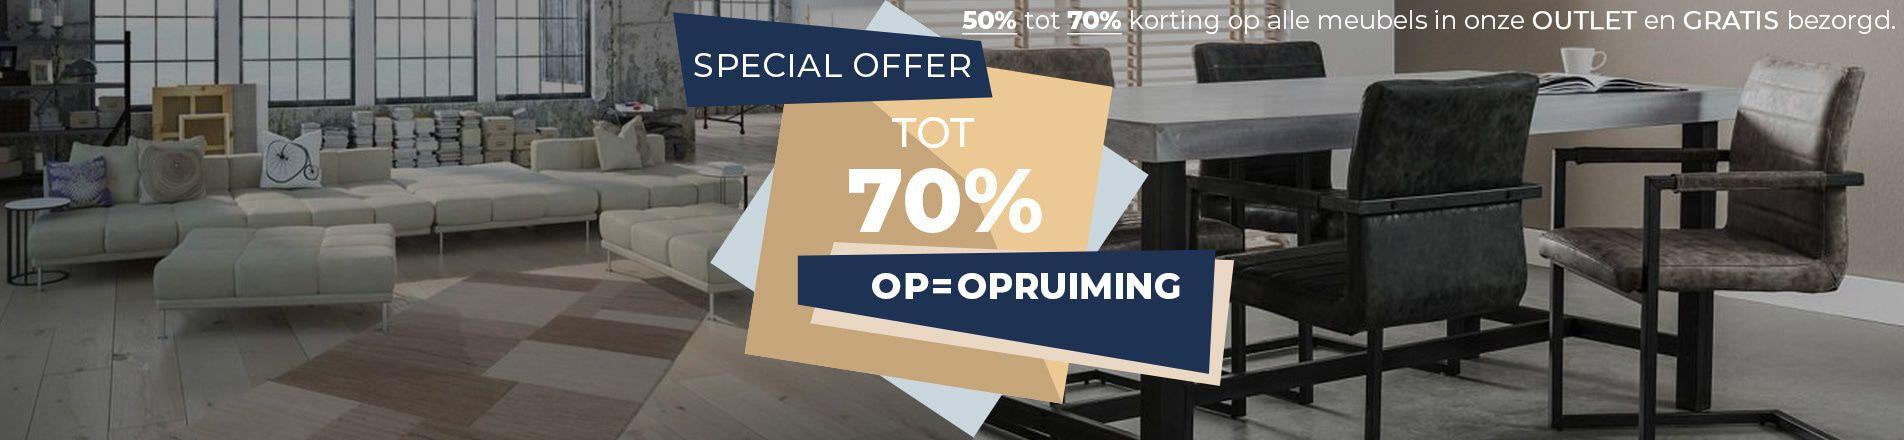 Opruiming - Trendymeubels.nl